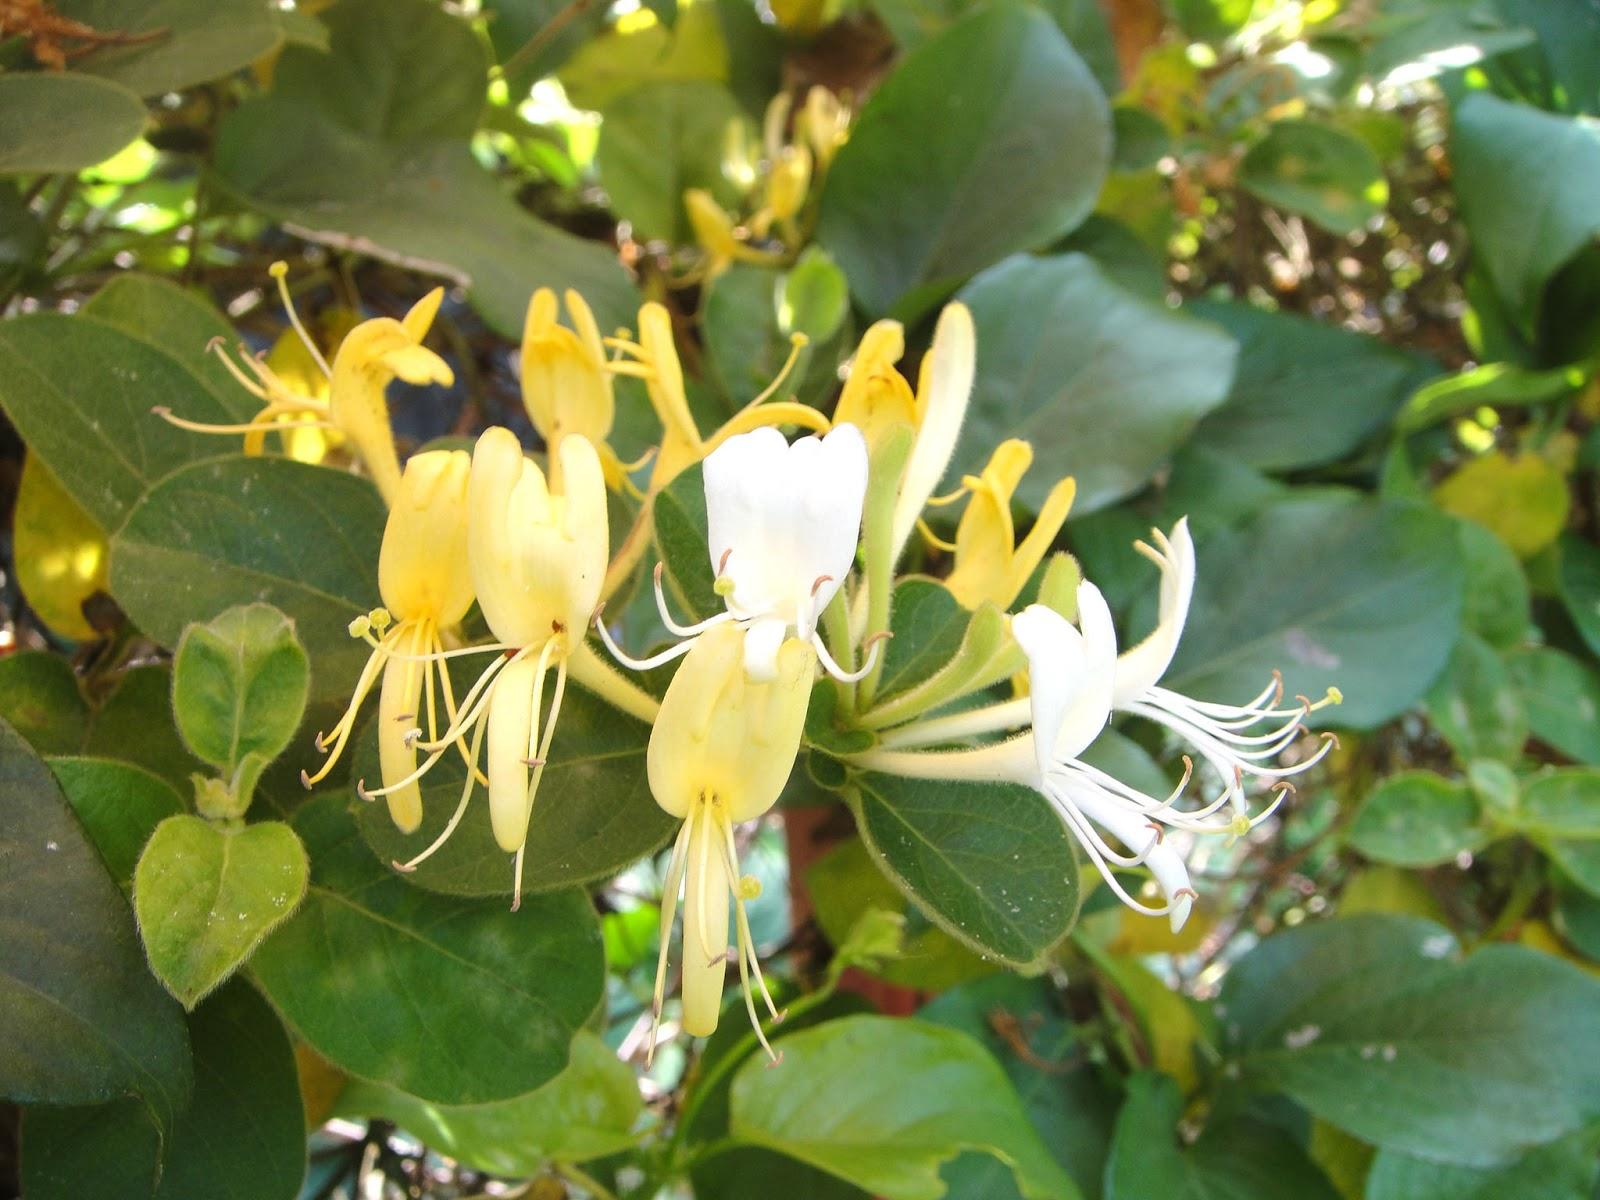 DWAN雲之端: 金銀花-金銀花因花初開時是銀白色, 凋謝前轉為金黃色, 因而得名『金銀花』。-金銀花的兒歌 ...